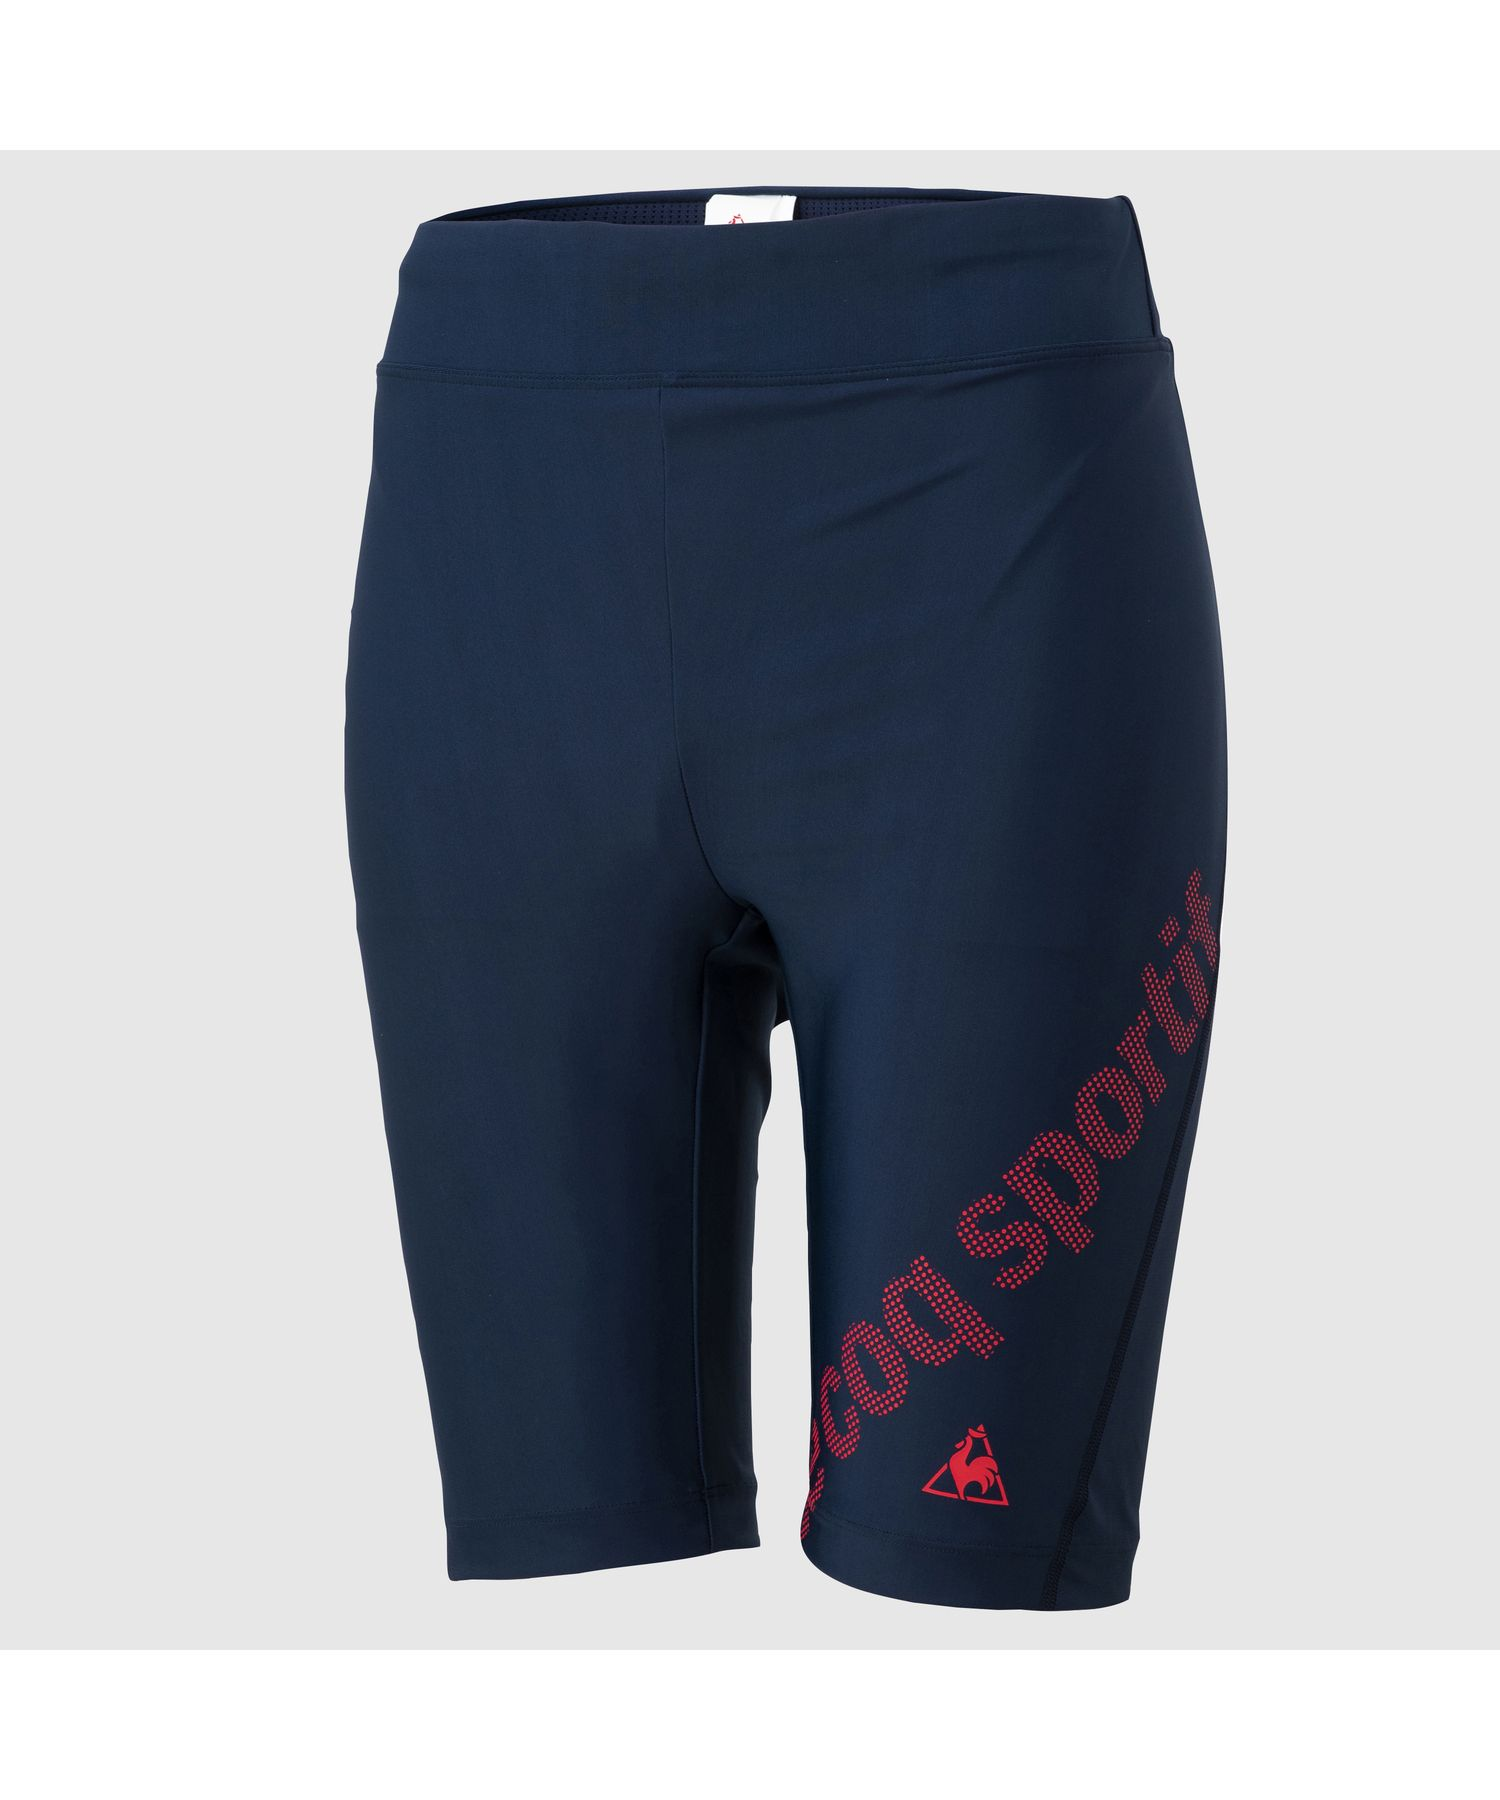 【サイクリング】ショートパンツ / Short Pants